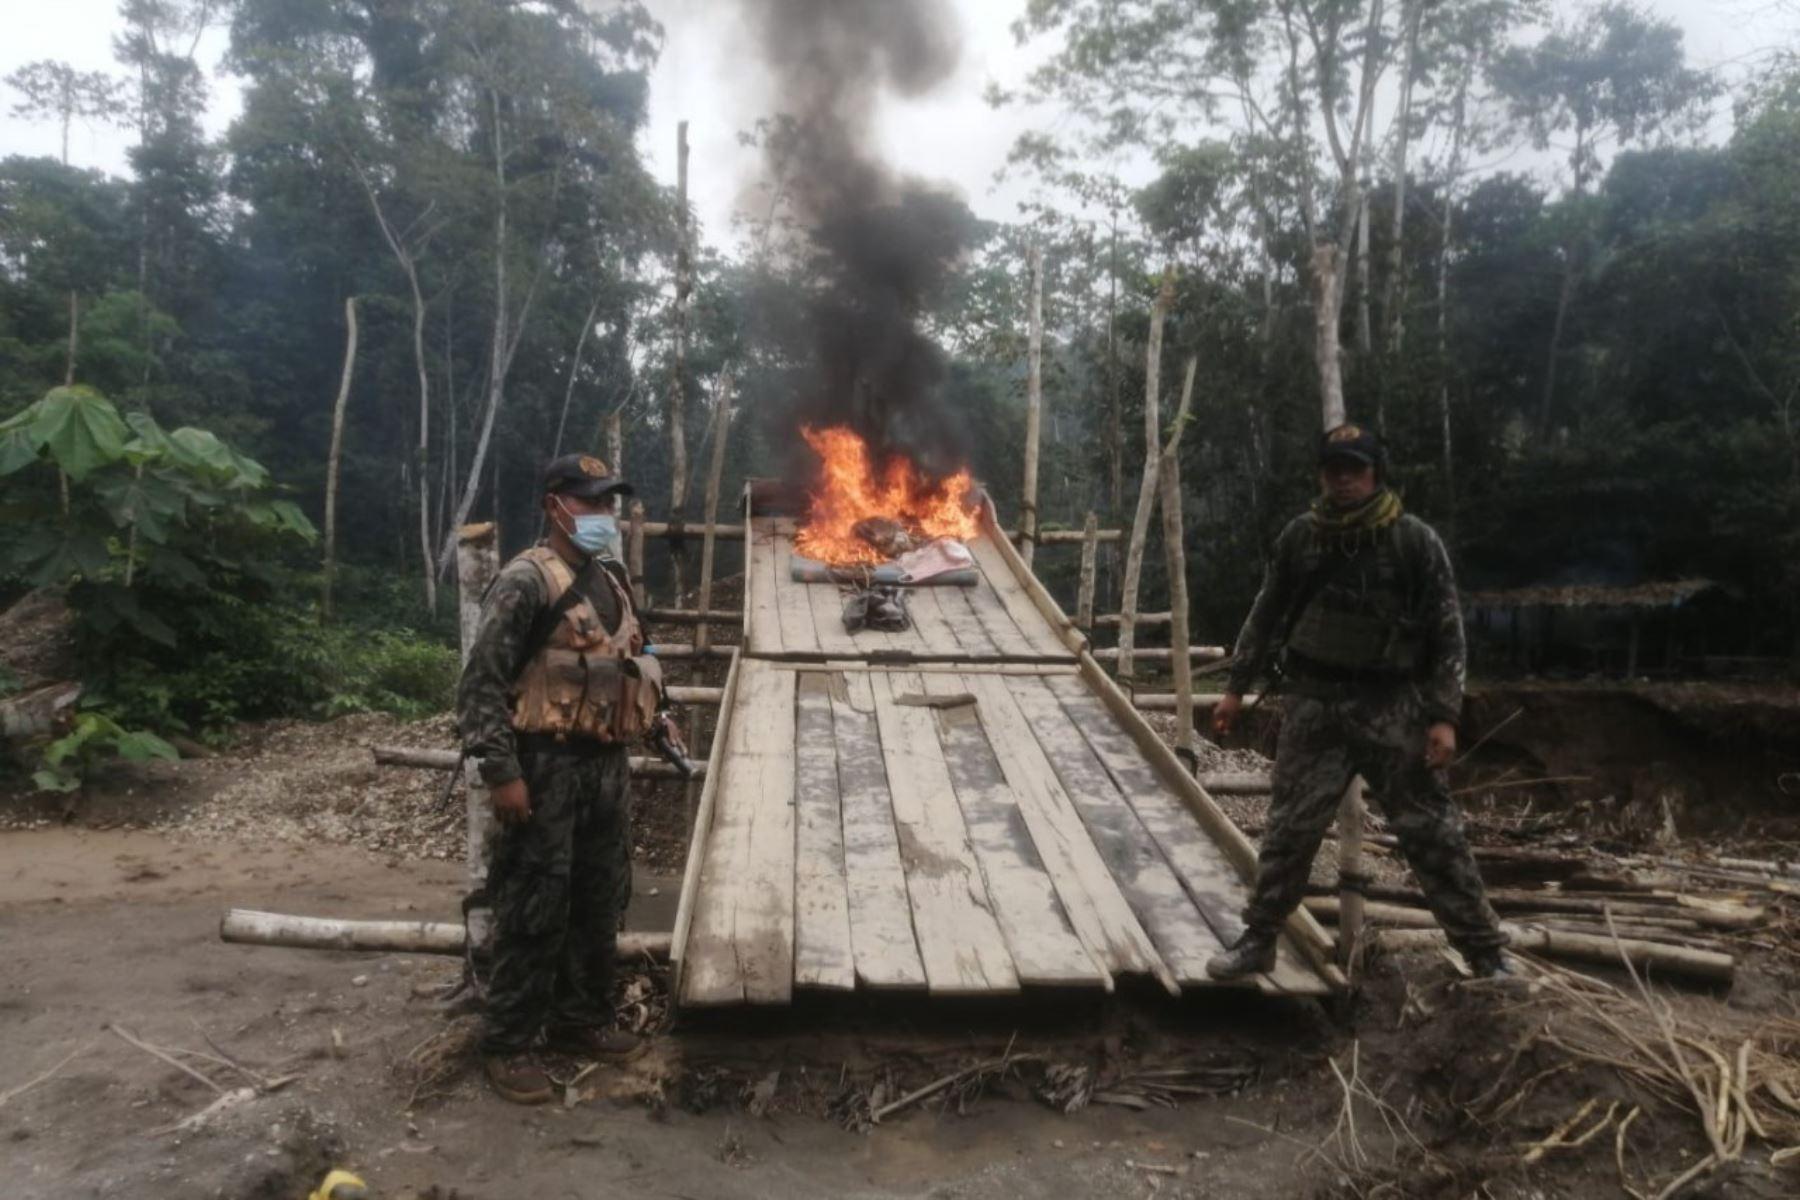 """Como parte de la lucha contra la minería ilegal,  patrullas mixtas e integradas de las Fuerzas Armadas (FF.AA.) y la Policía Nacional  del Perú (PNP) intervinieron el día 18 de setiembre en la zona de """"La Pampa"""", en la  región de Madre de Dios, dos campamentos e incautaron gran cantidad de  maquinaria e insumos destinados para esta actividad ilícita. Foto: Mindef"""